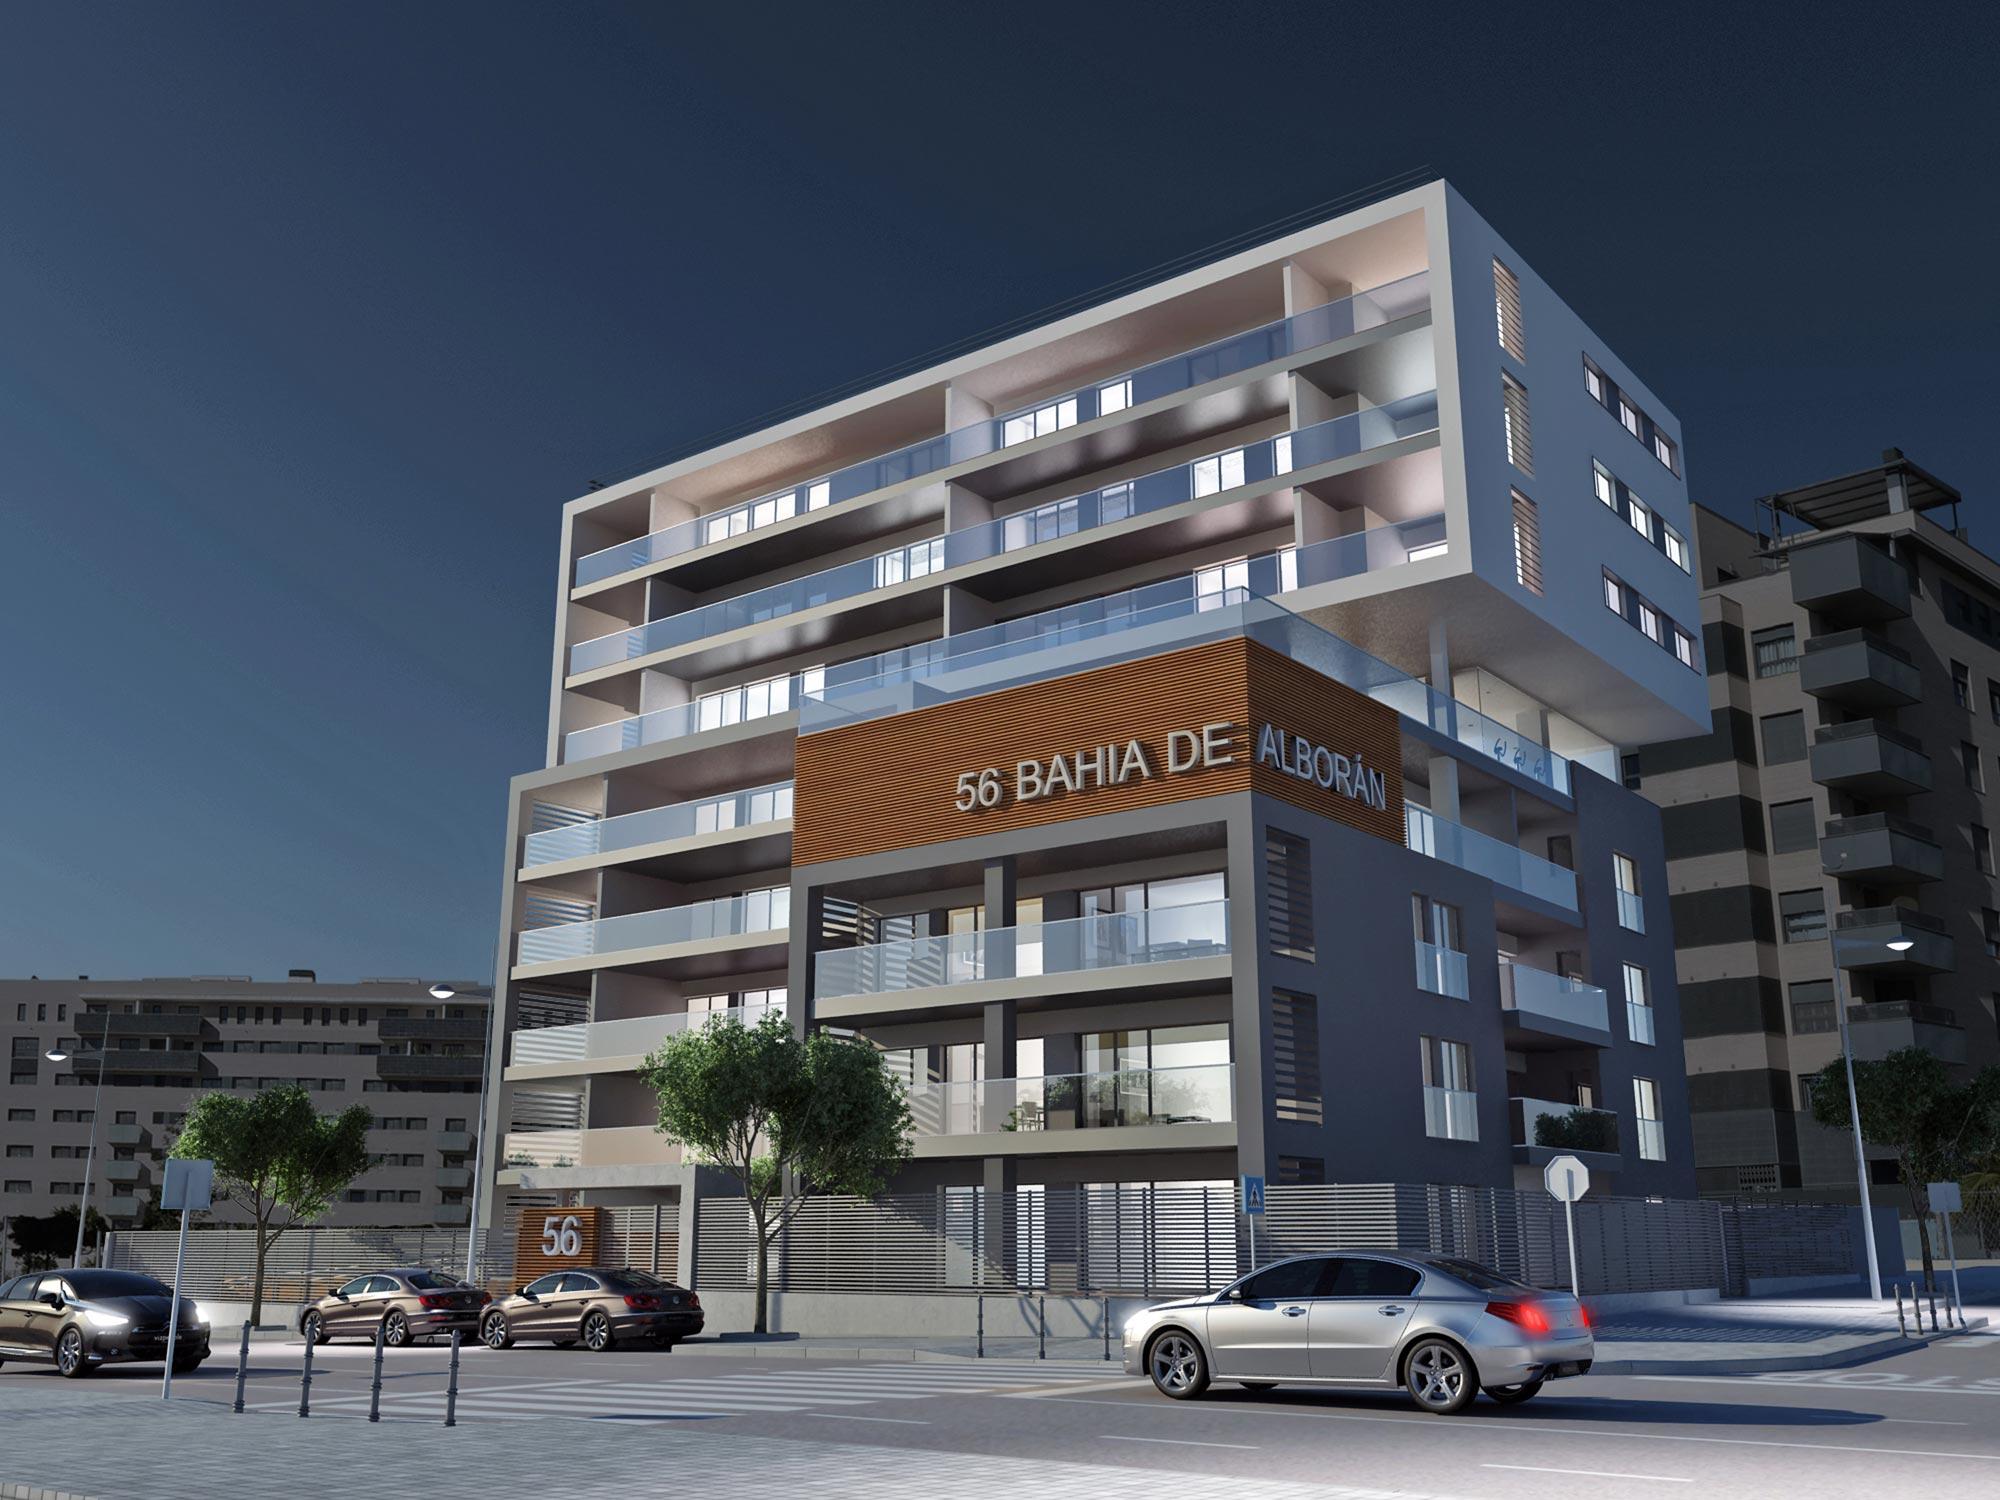 Edificio Residencial Bahía de Alborán